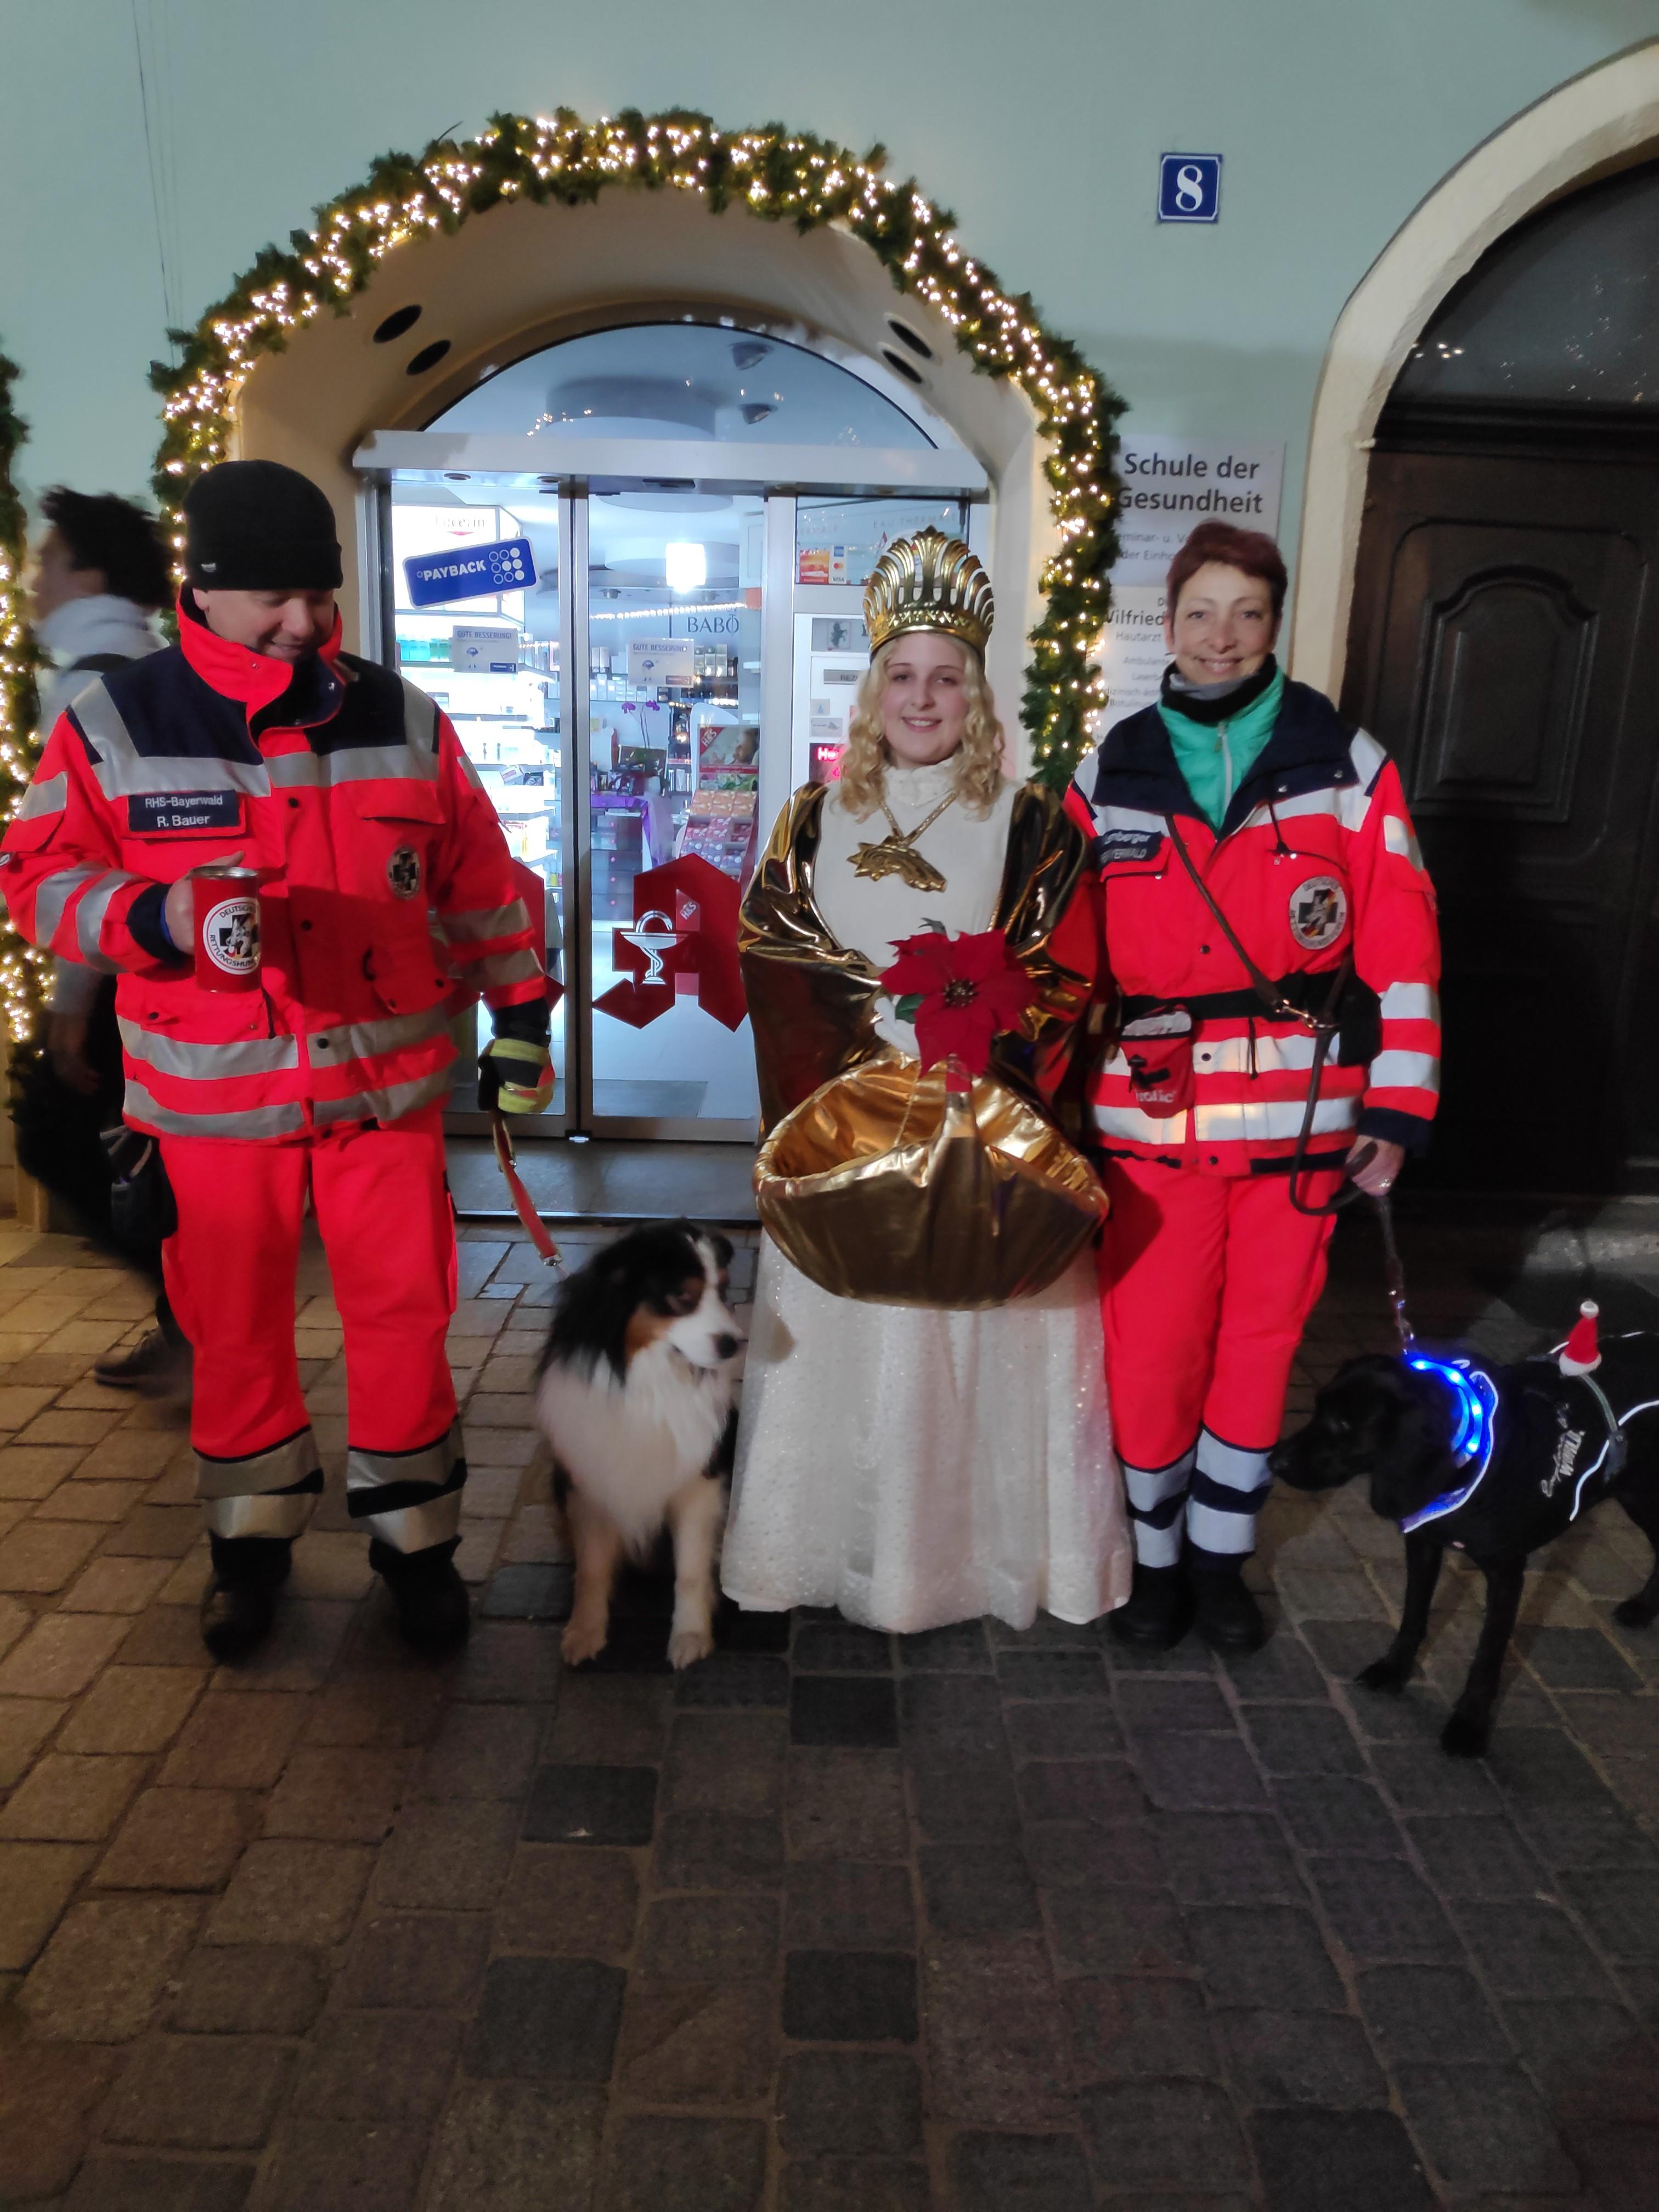 Unsere Hundeführer bekamen sogar Besuch vom Christkind!